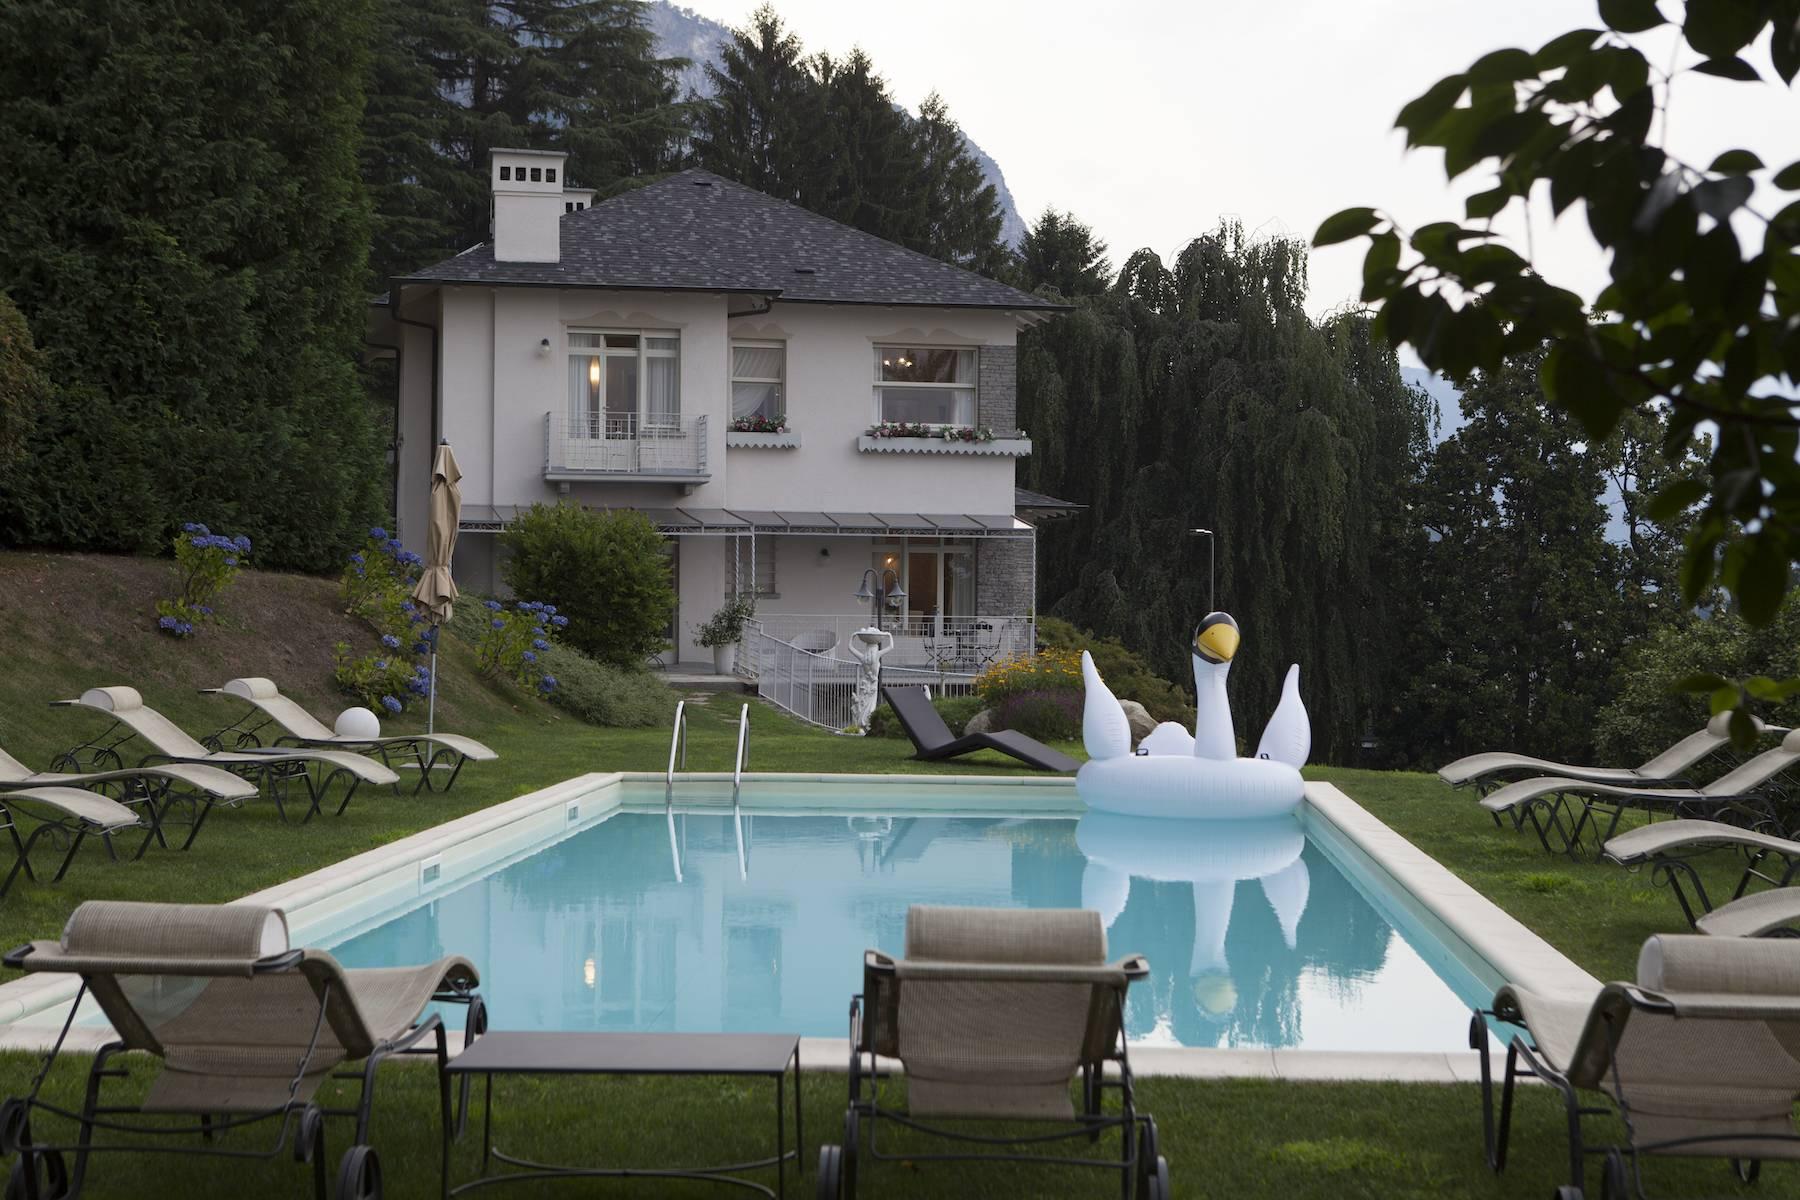 Villa in Affitto a Baveno via marconi